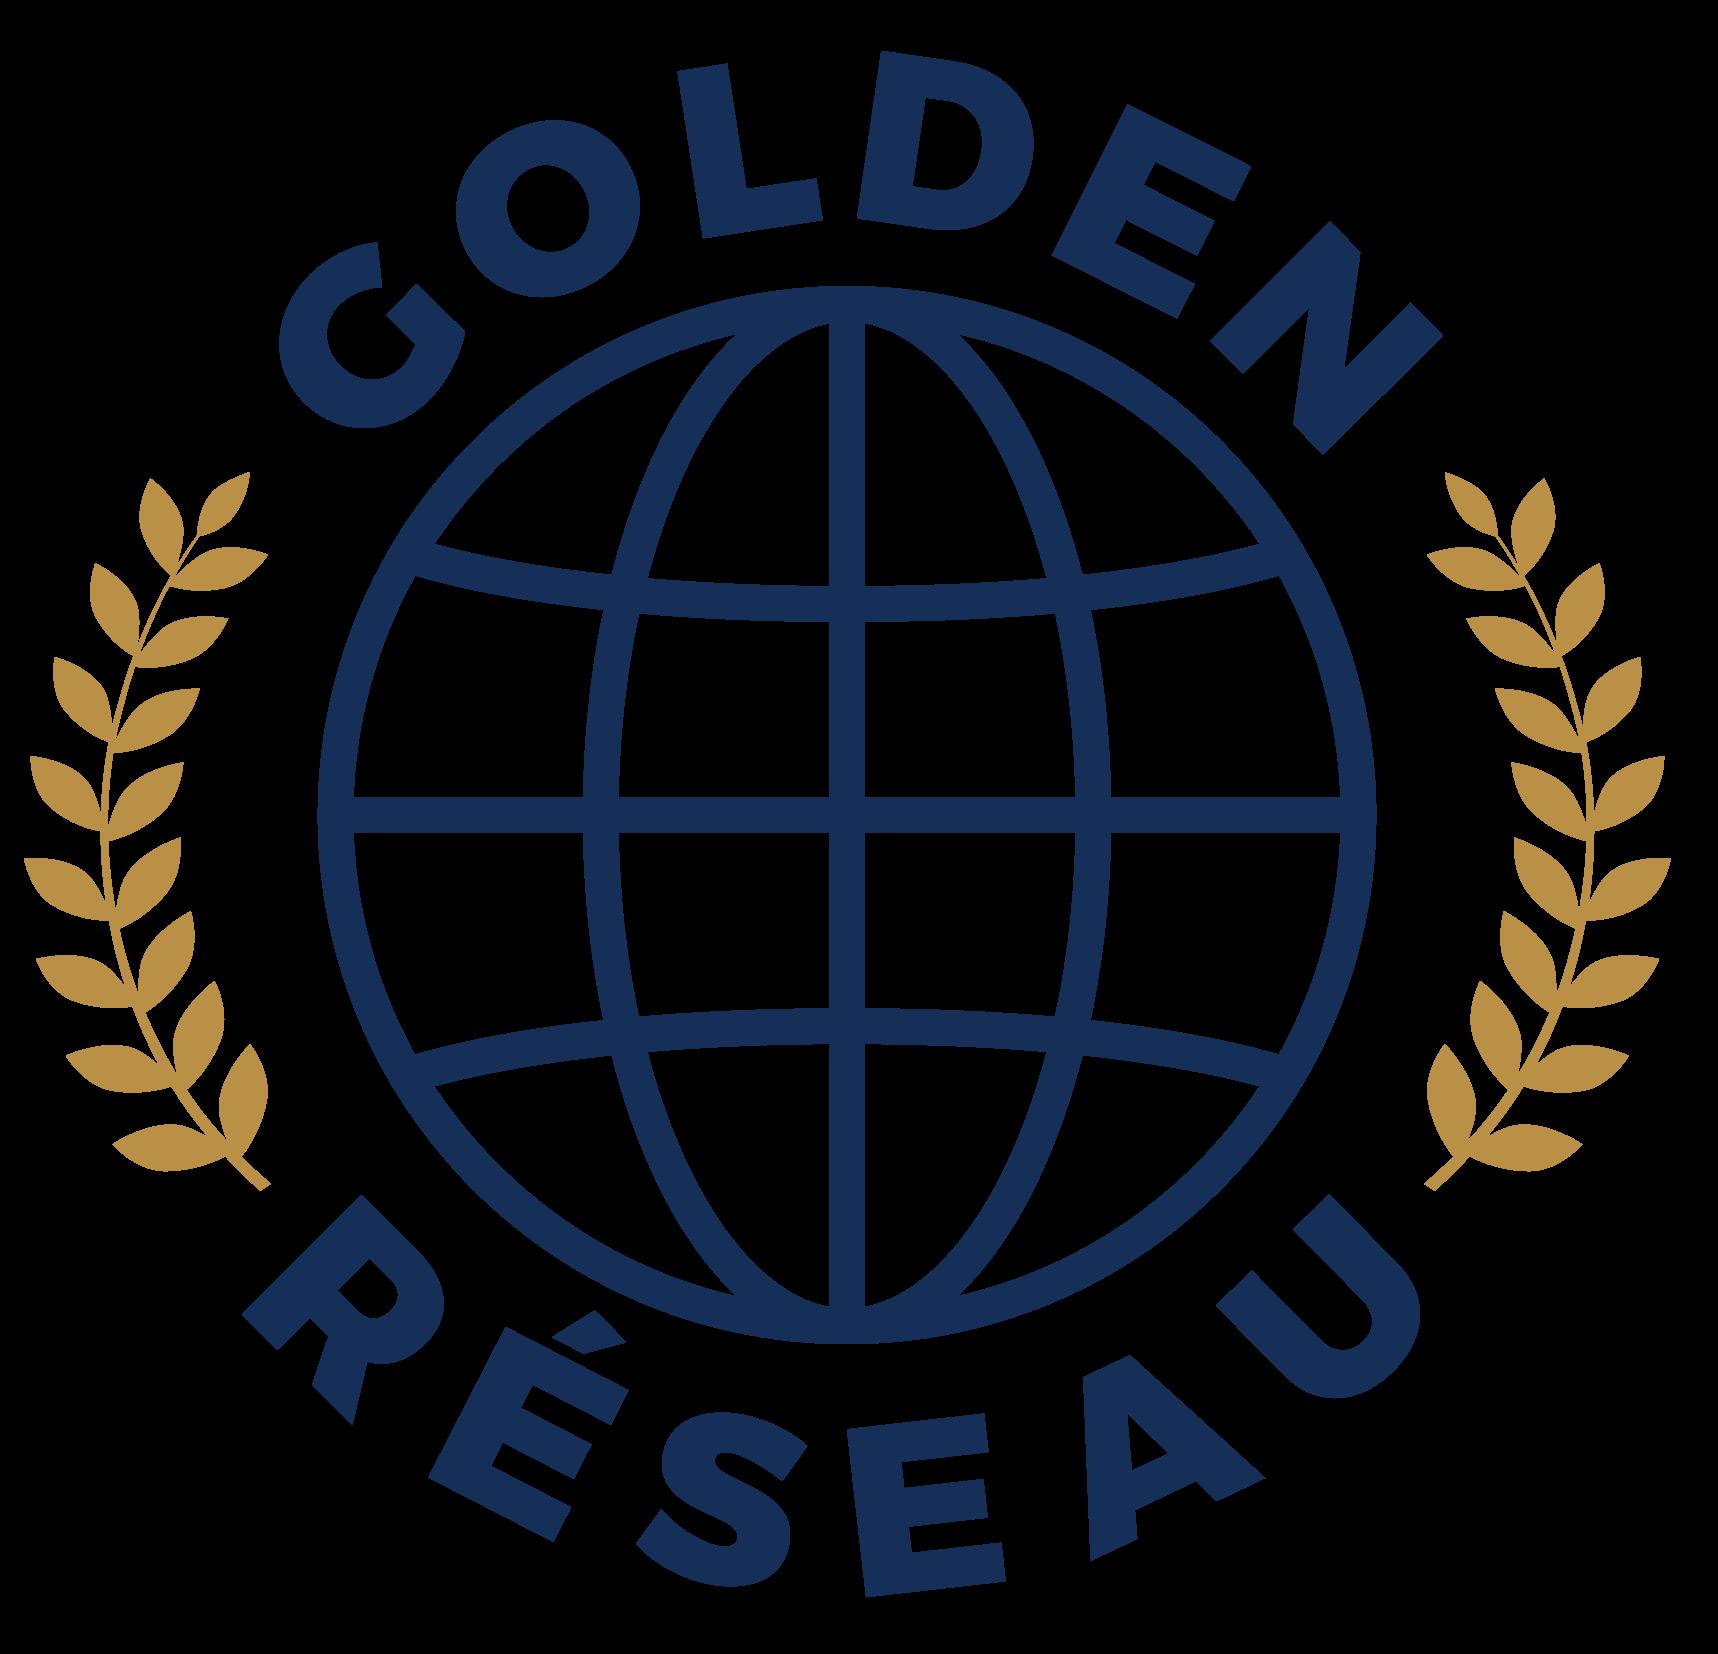 Golden Réseau | Agence de communication spécialisée réseaux sociaux